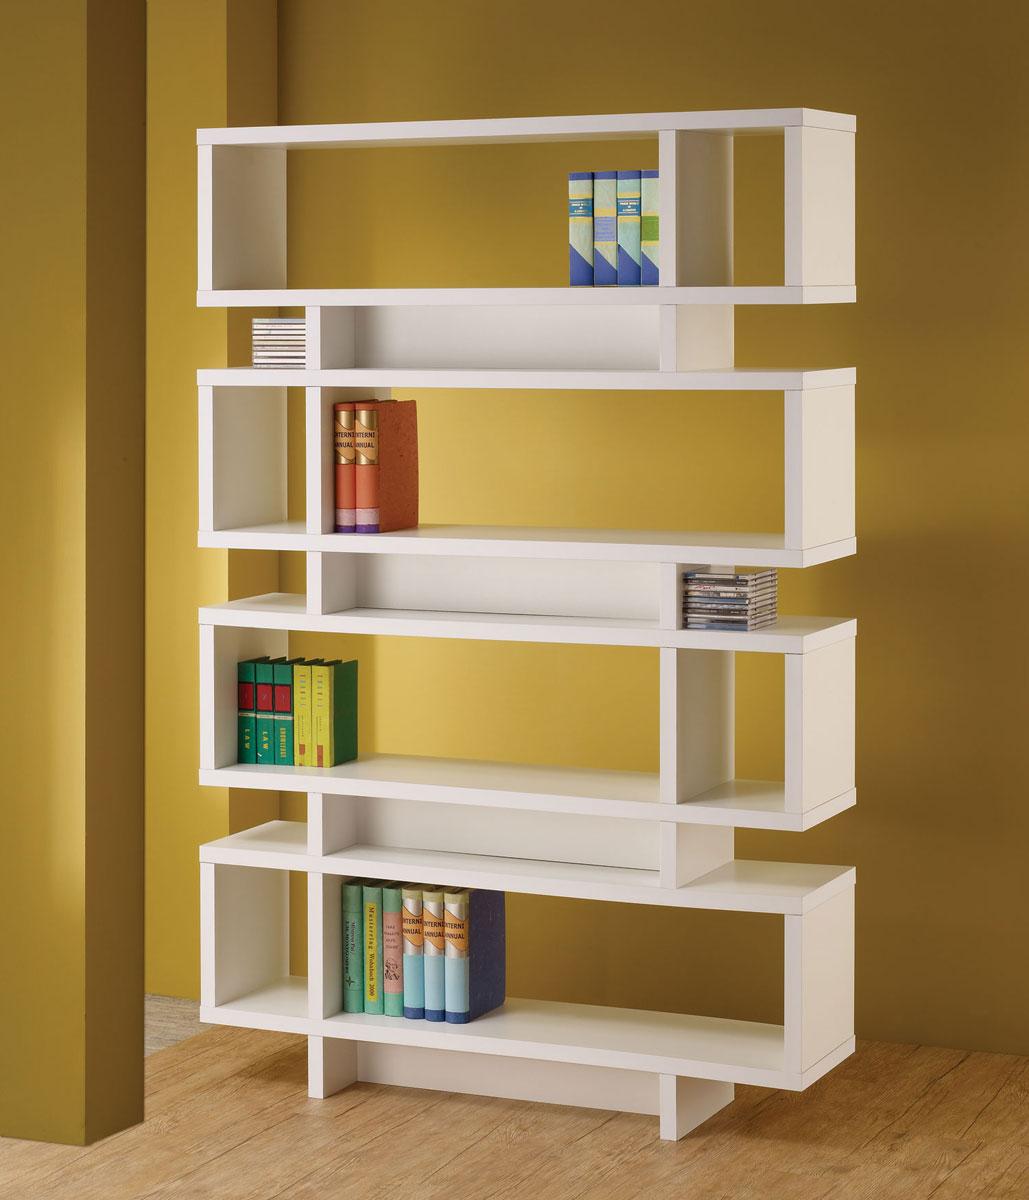 Coaster 800308 Bookcase - White